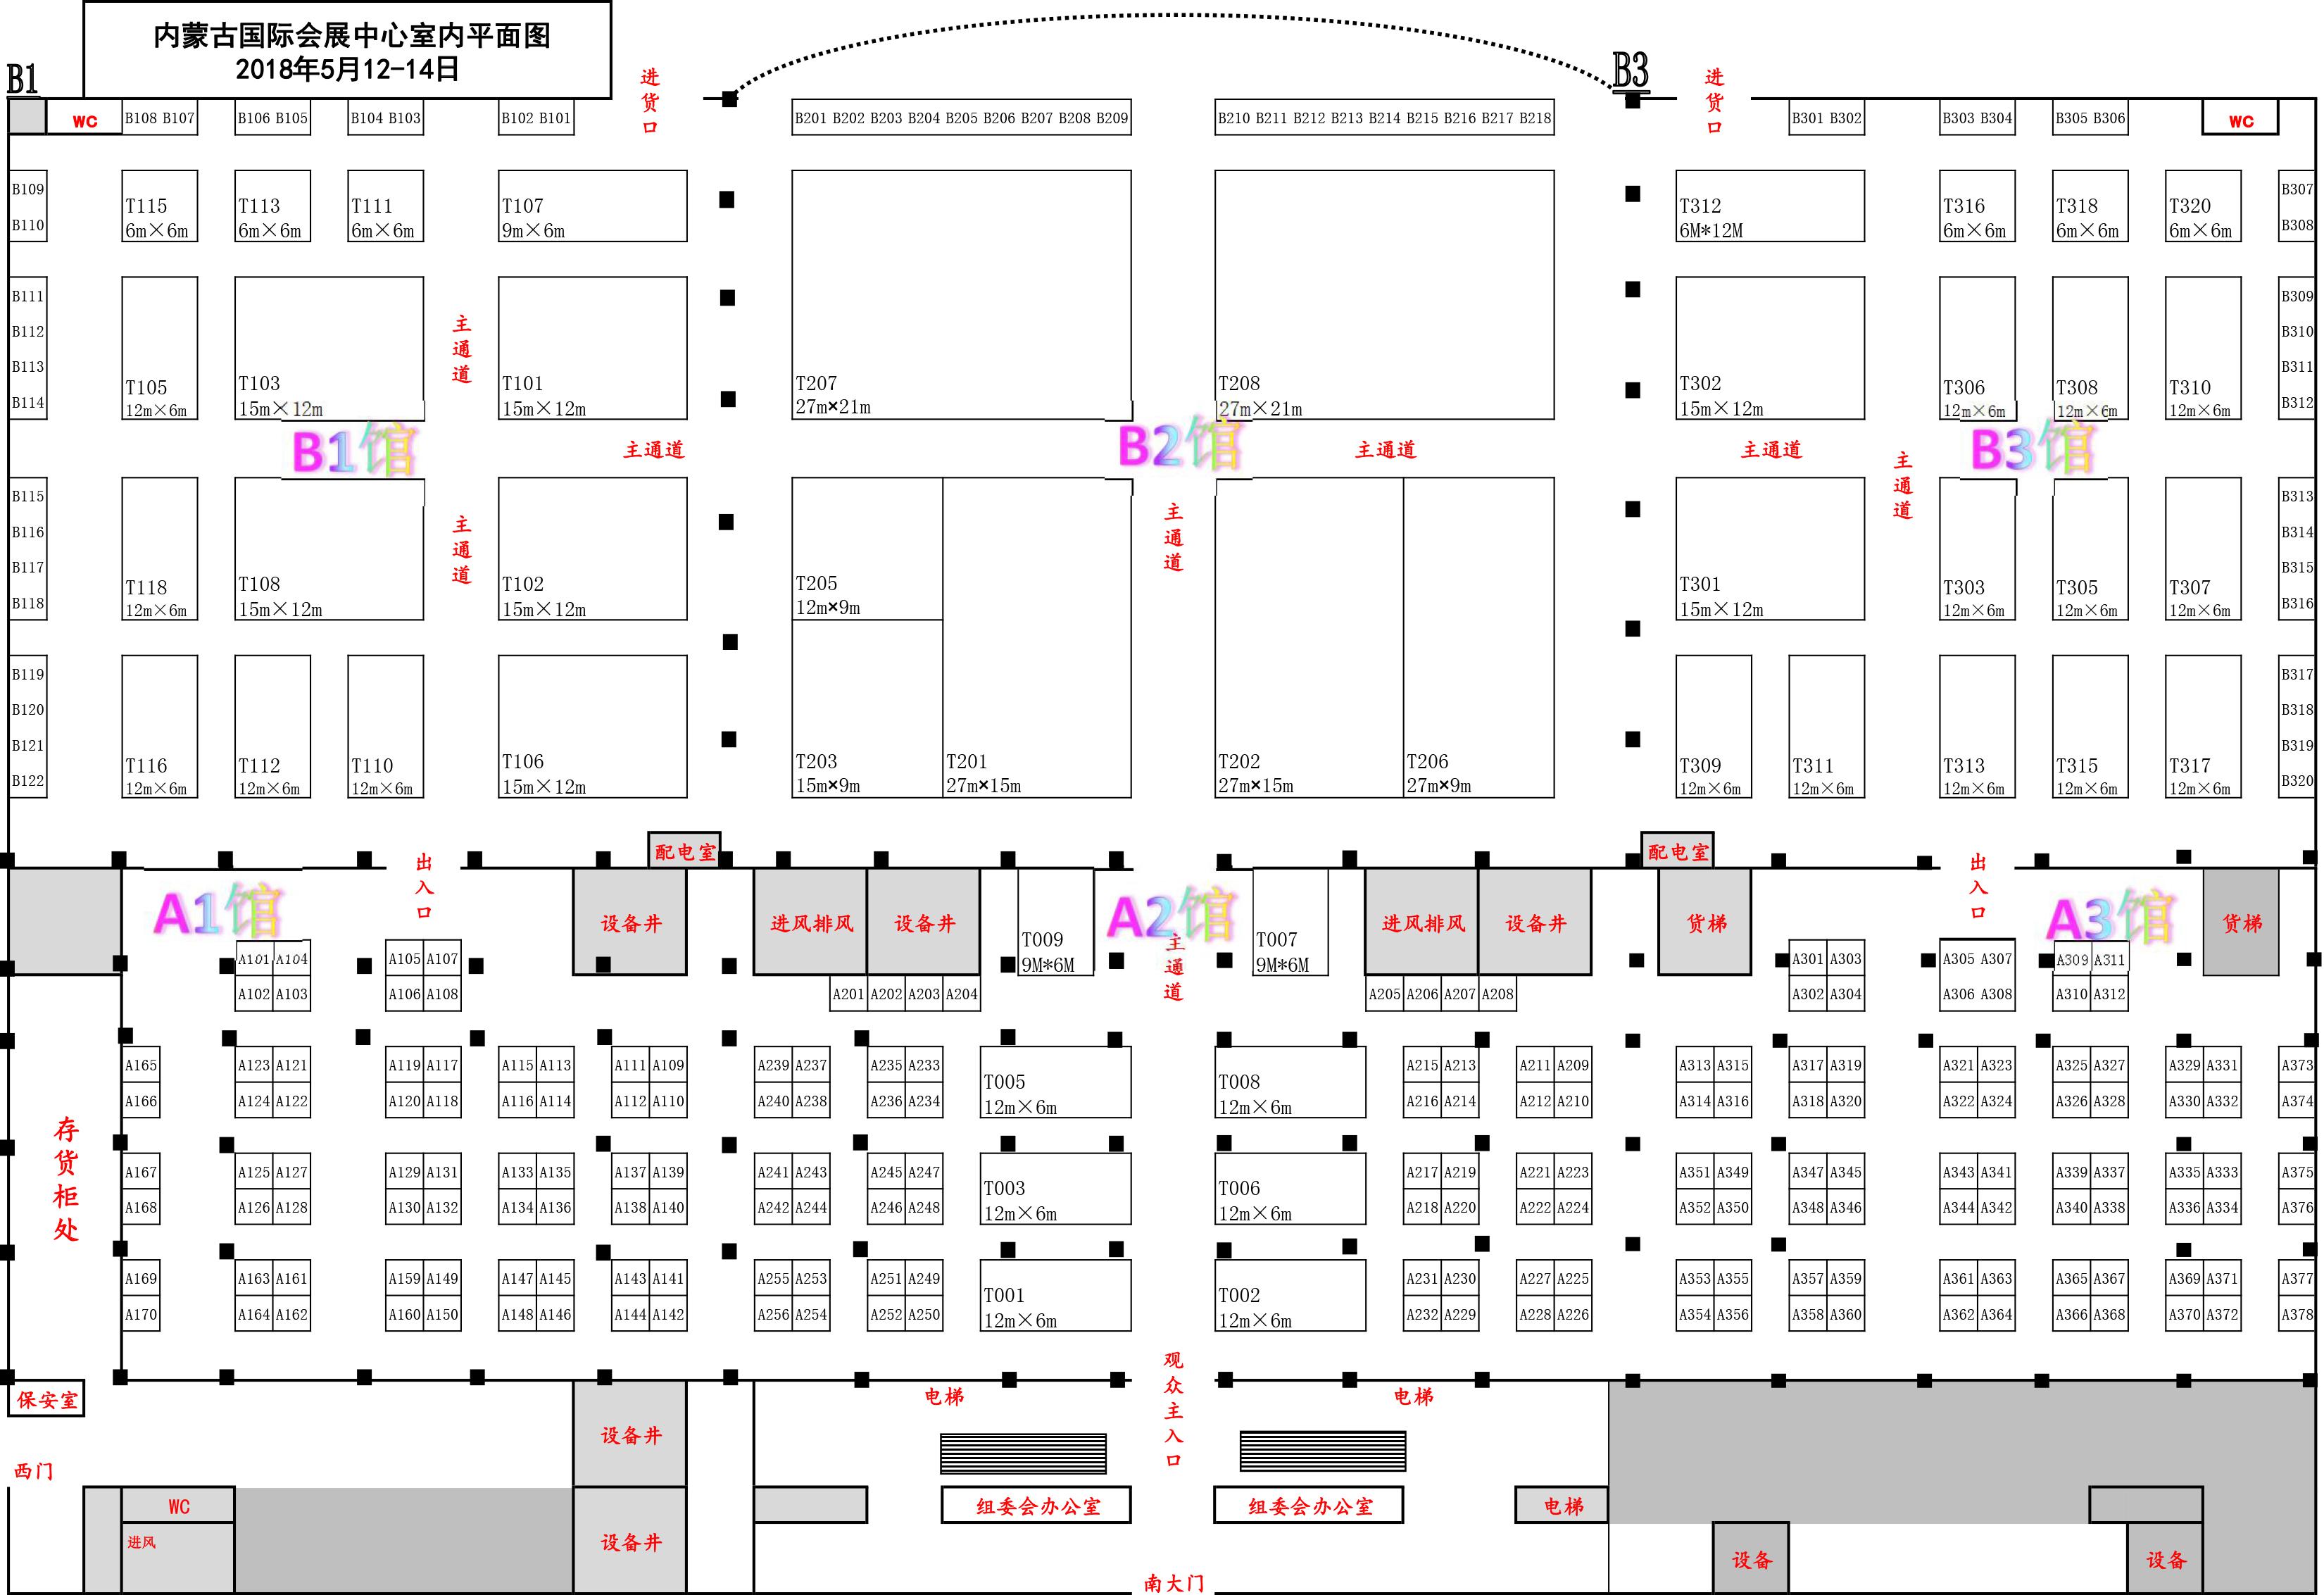 内蒙古平面图全图六厅 (2).jpg